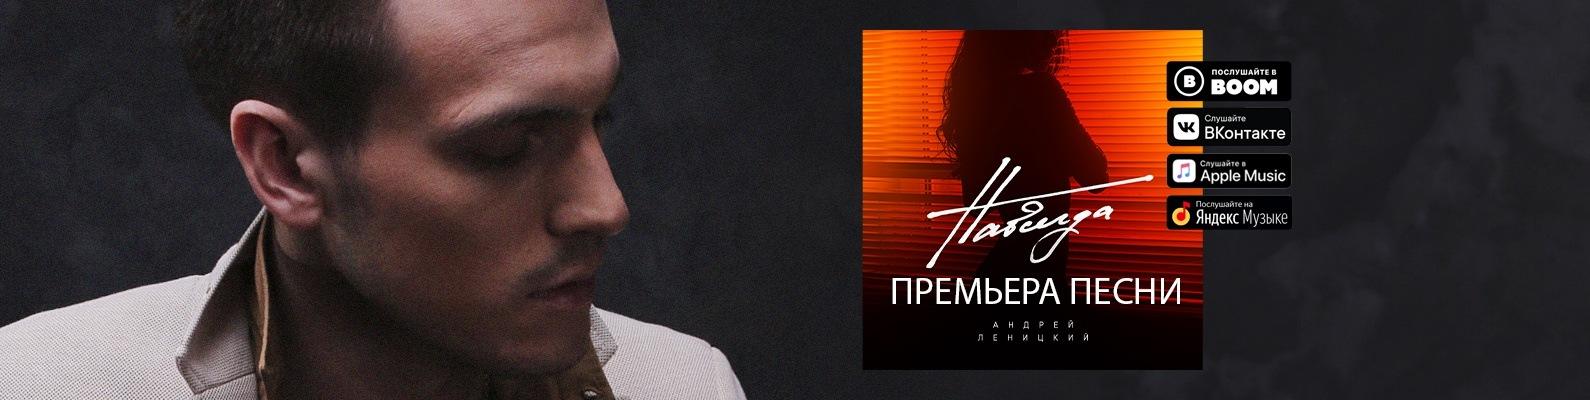 Андрей леницкий билеты на концерт самара афиша театров харькова шевченко купить билет